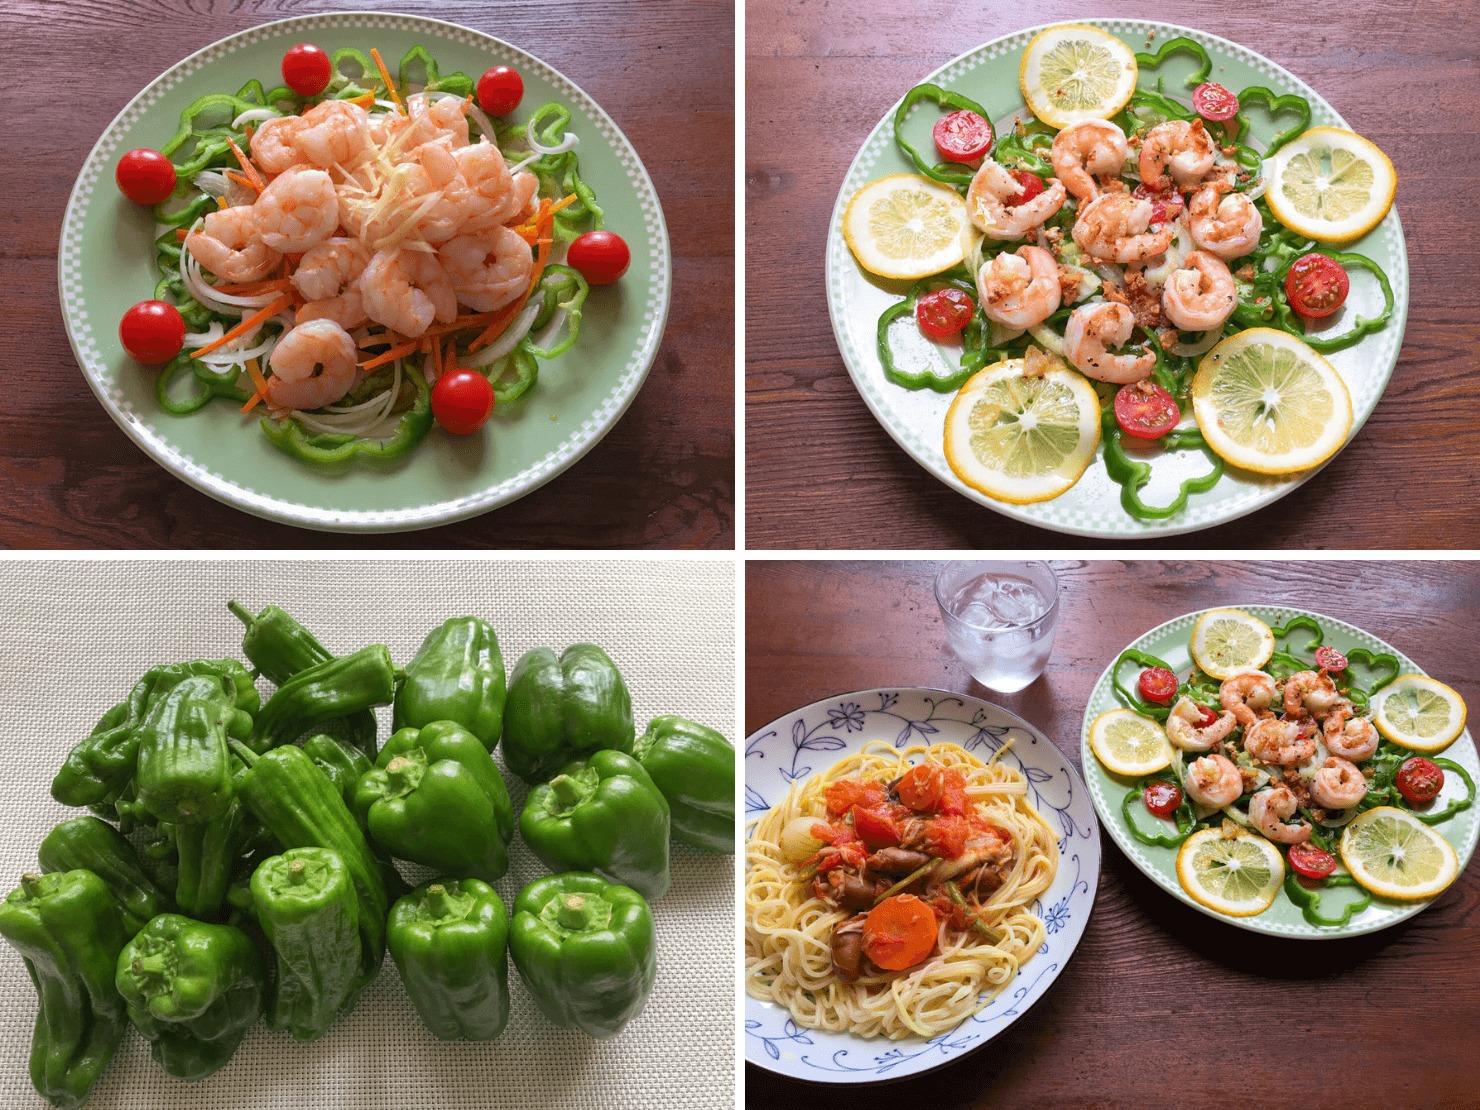 ピーマンとエビのサラダの写真